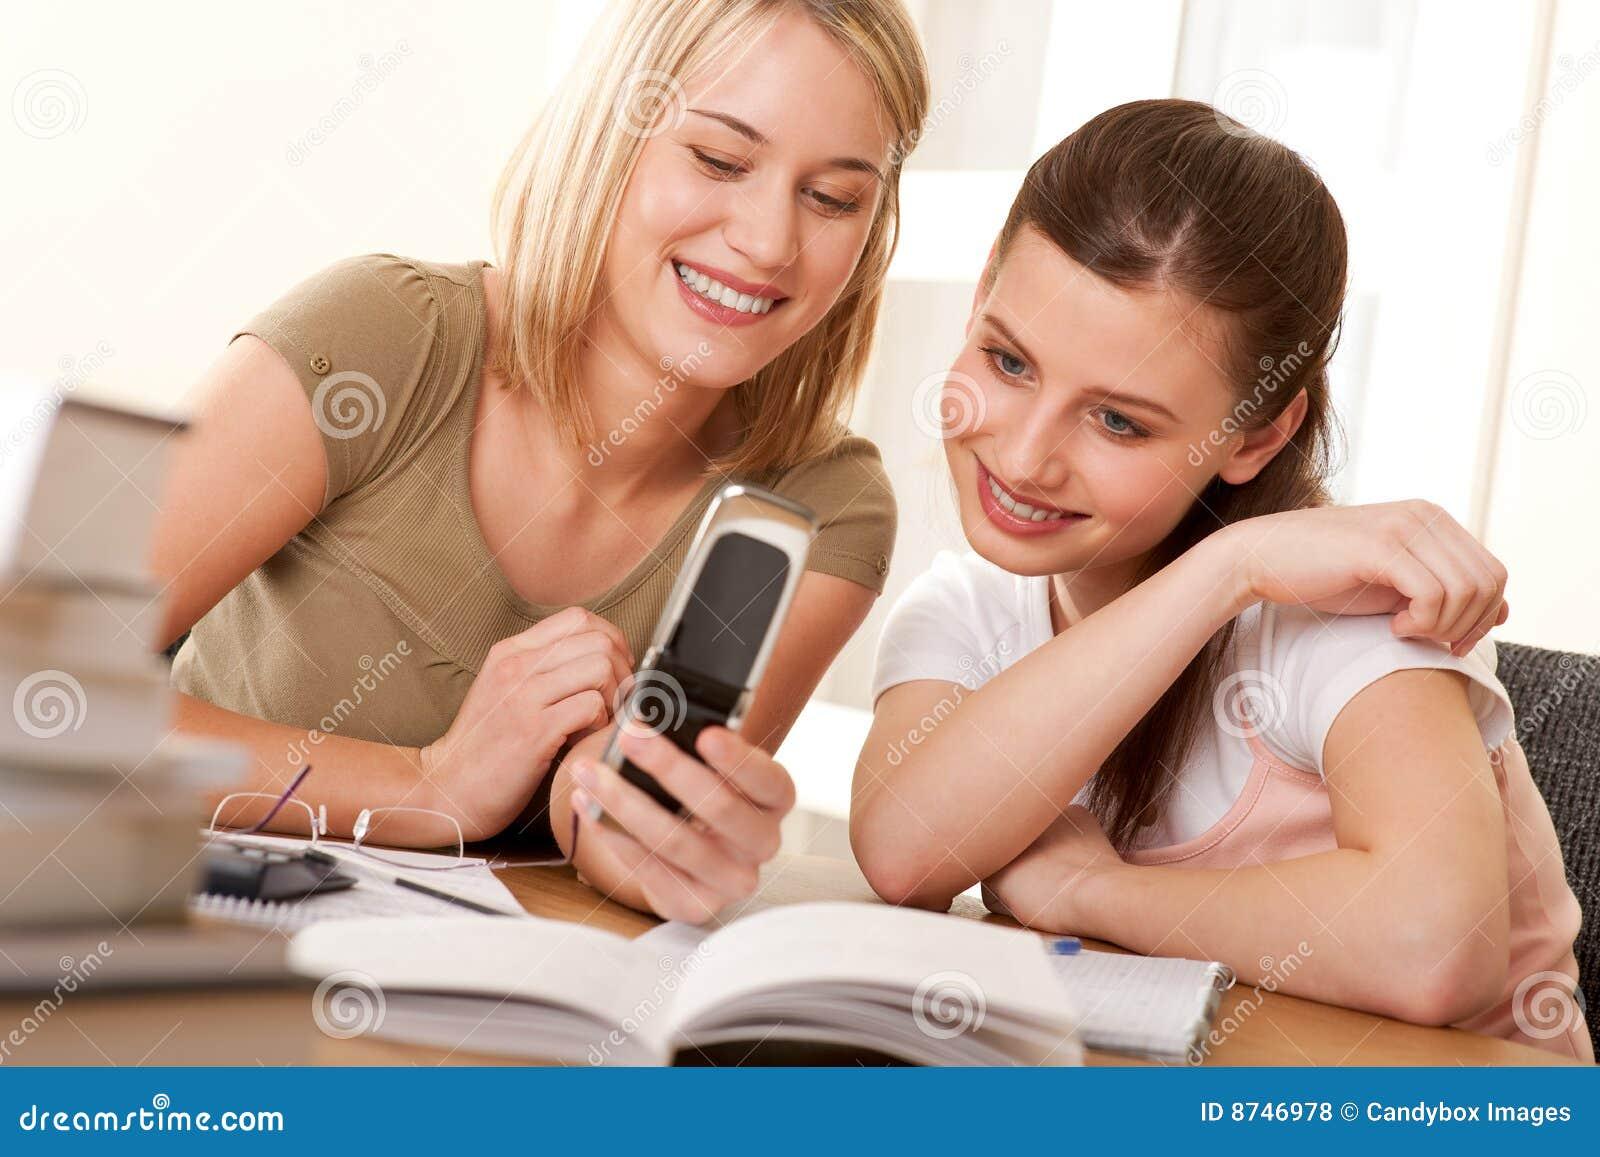 Фото с телефонов студенток 2 фотография